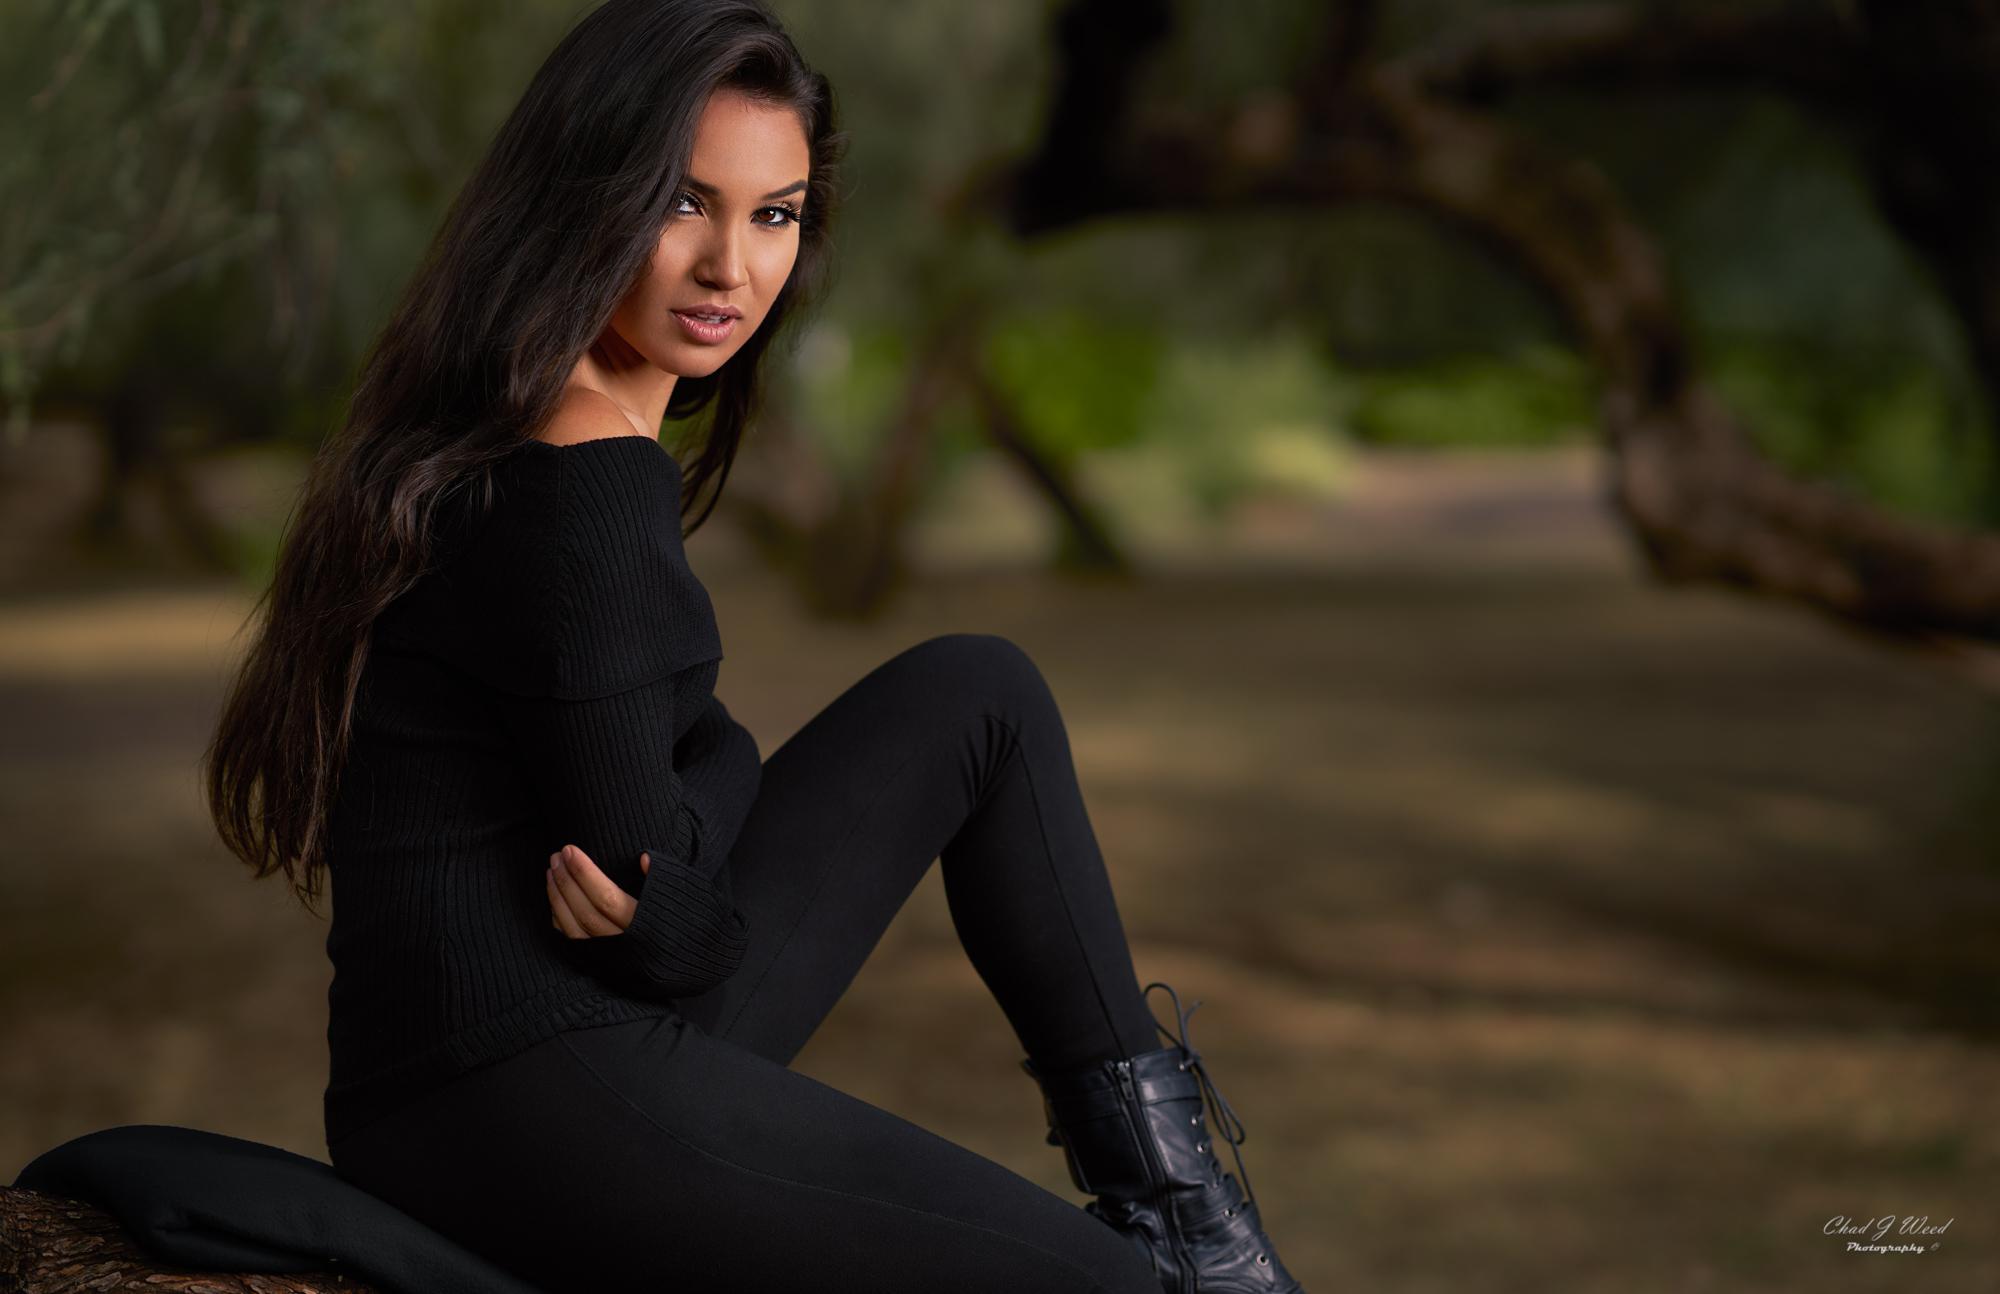 Zari Fashion Model at Saguaro Lake by Arizona Portrait Photographer Chad Weed